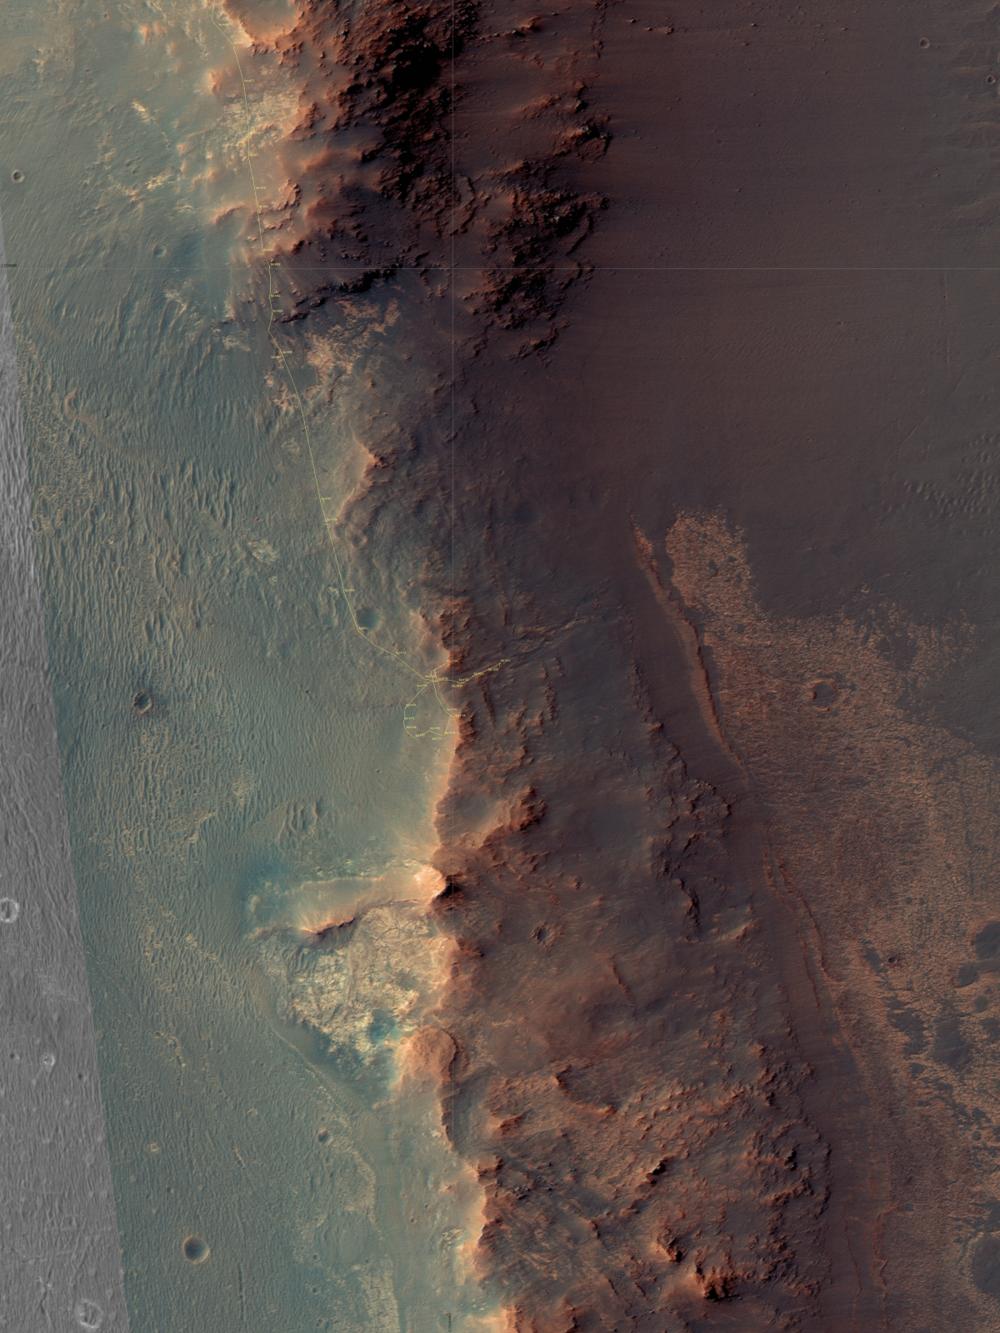 mars rover capabilities - photo #31